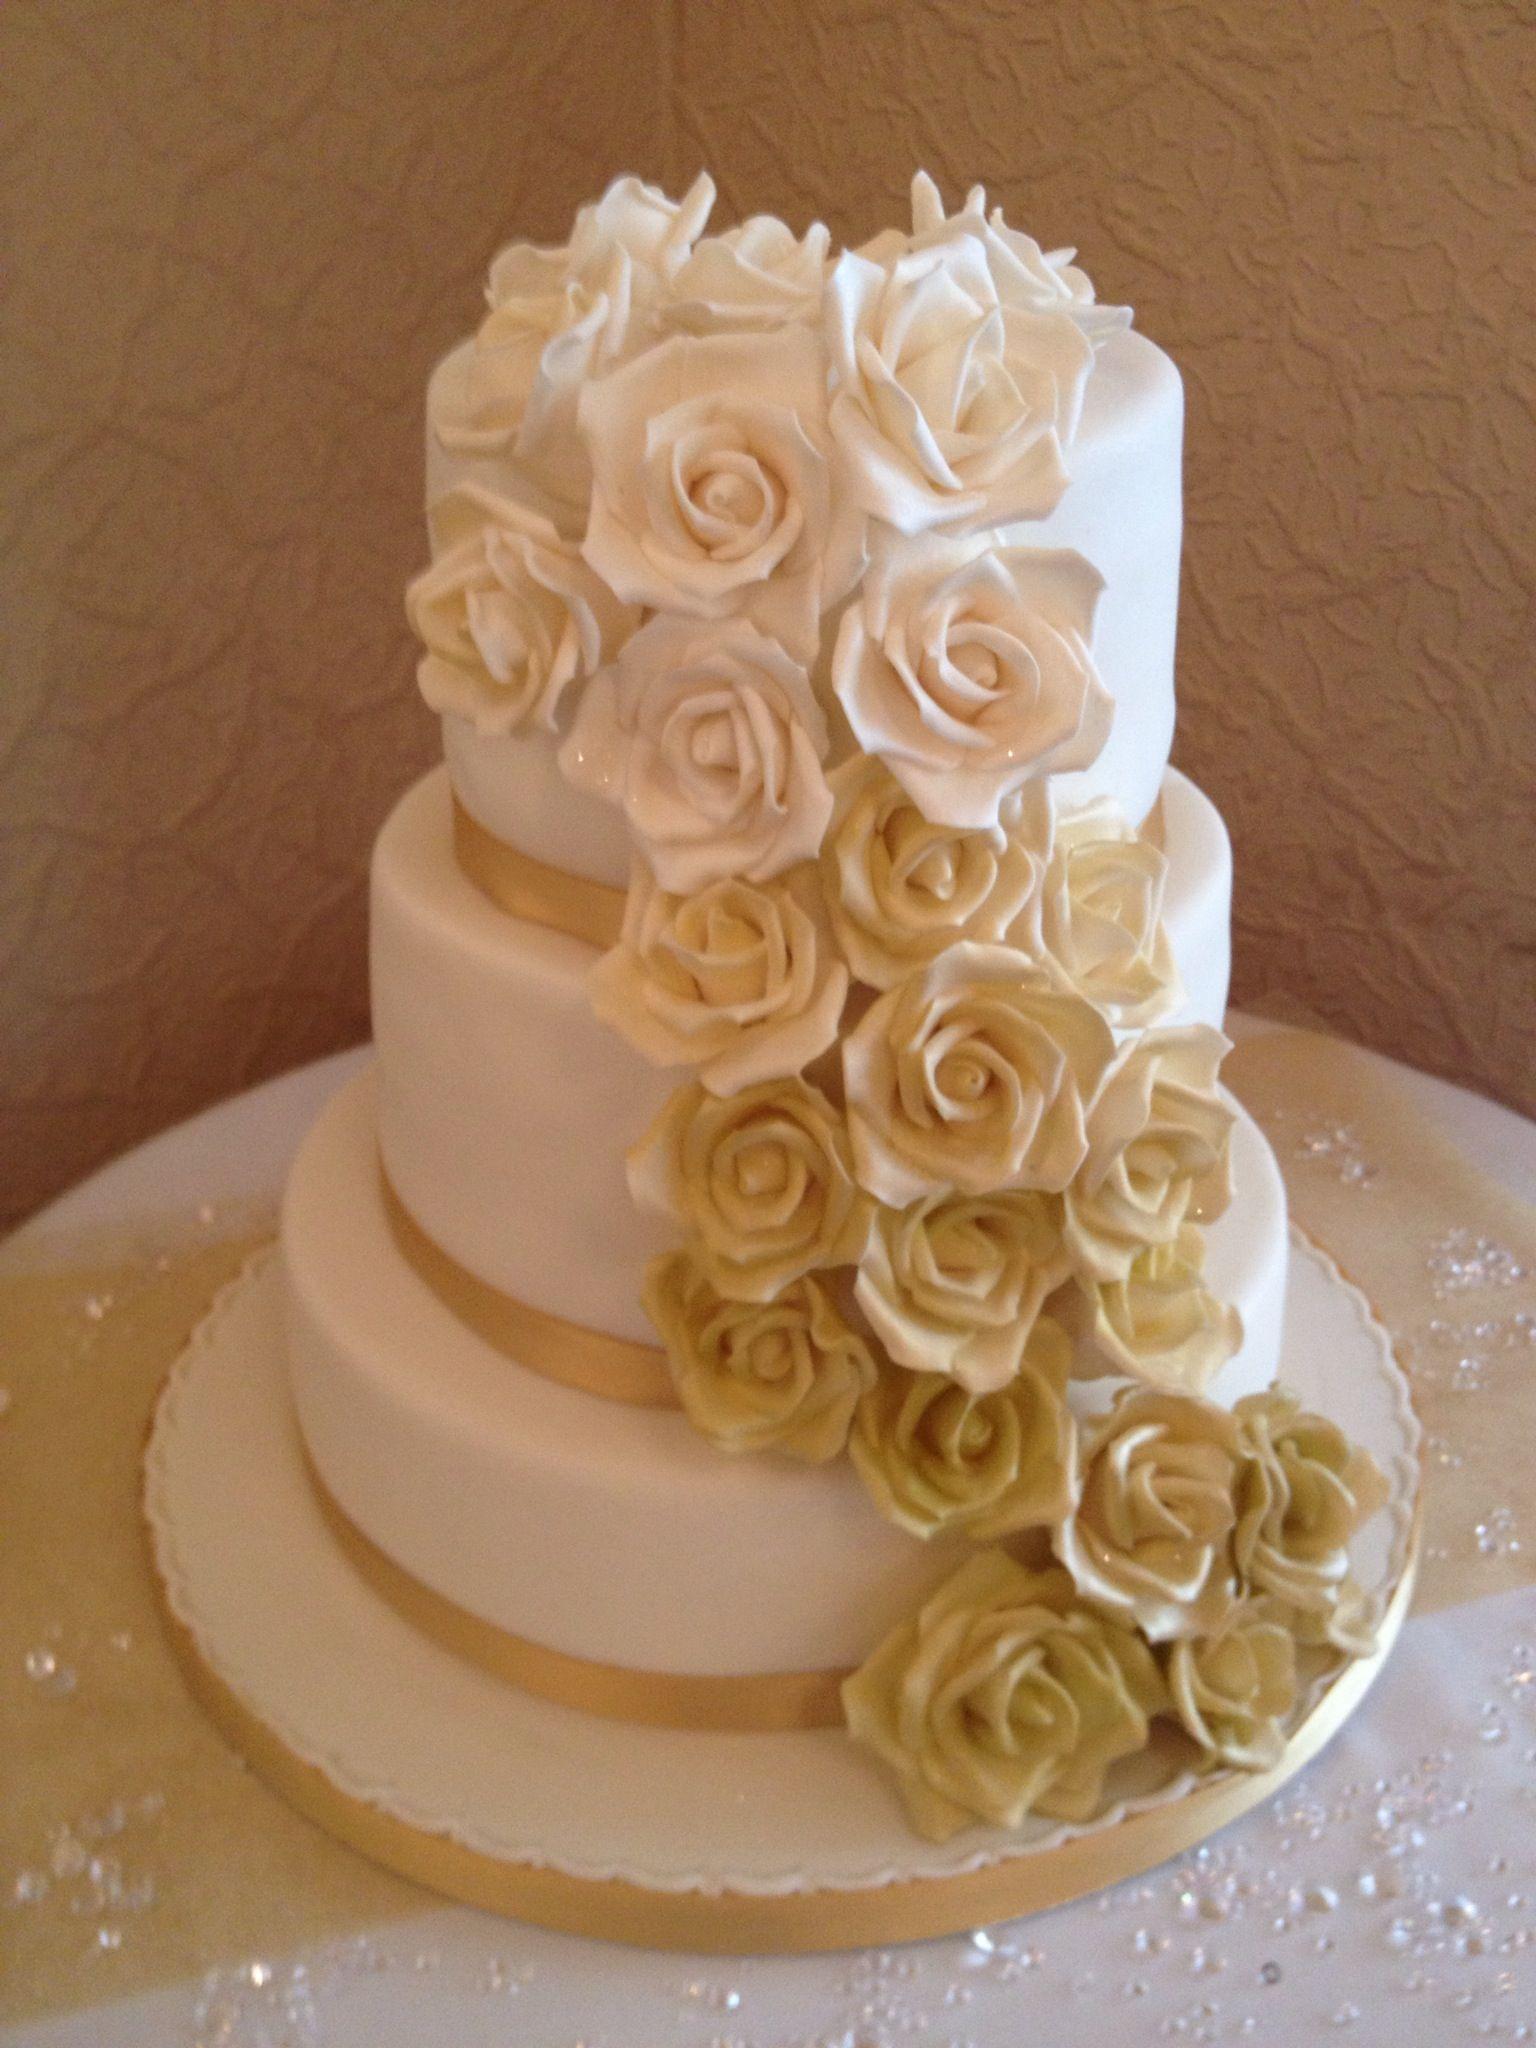 Gold Rose Wedding Cake   Wedding Cakes   Pinterest